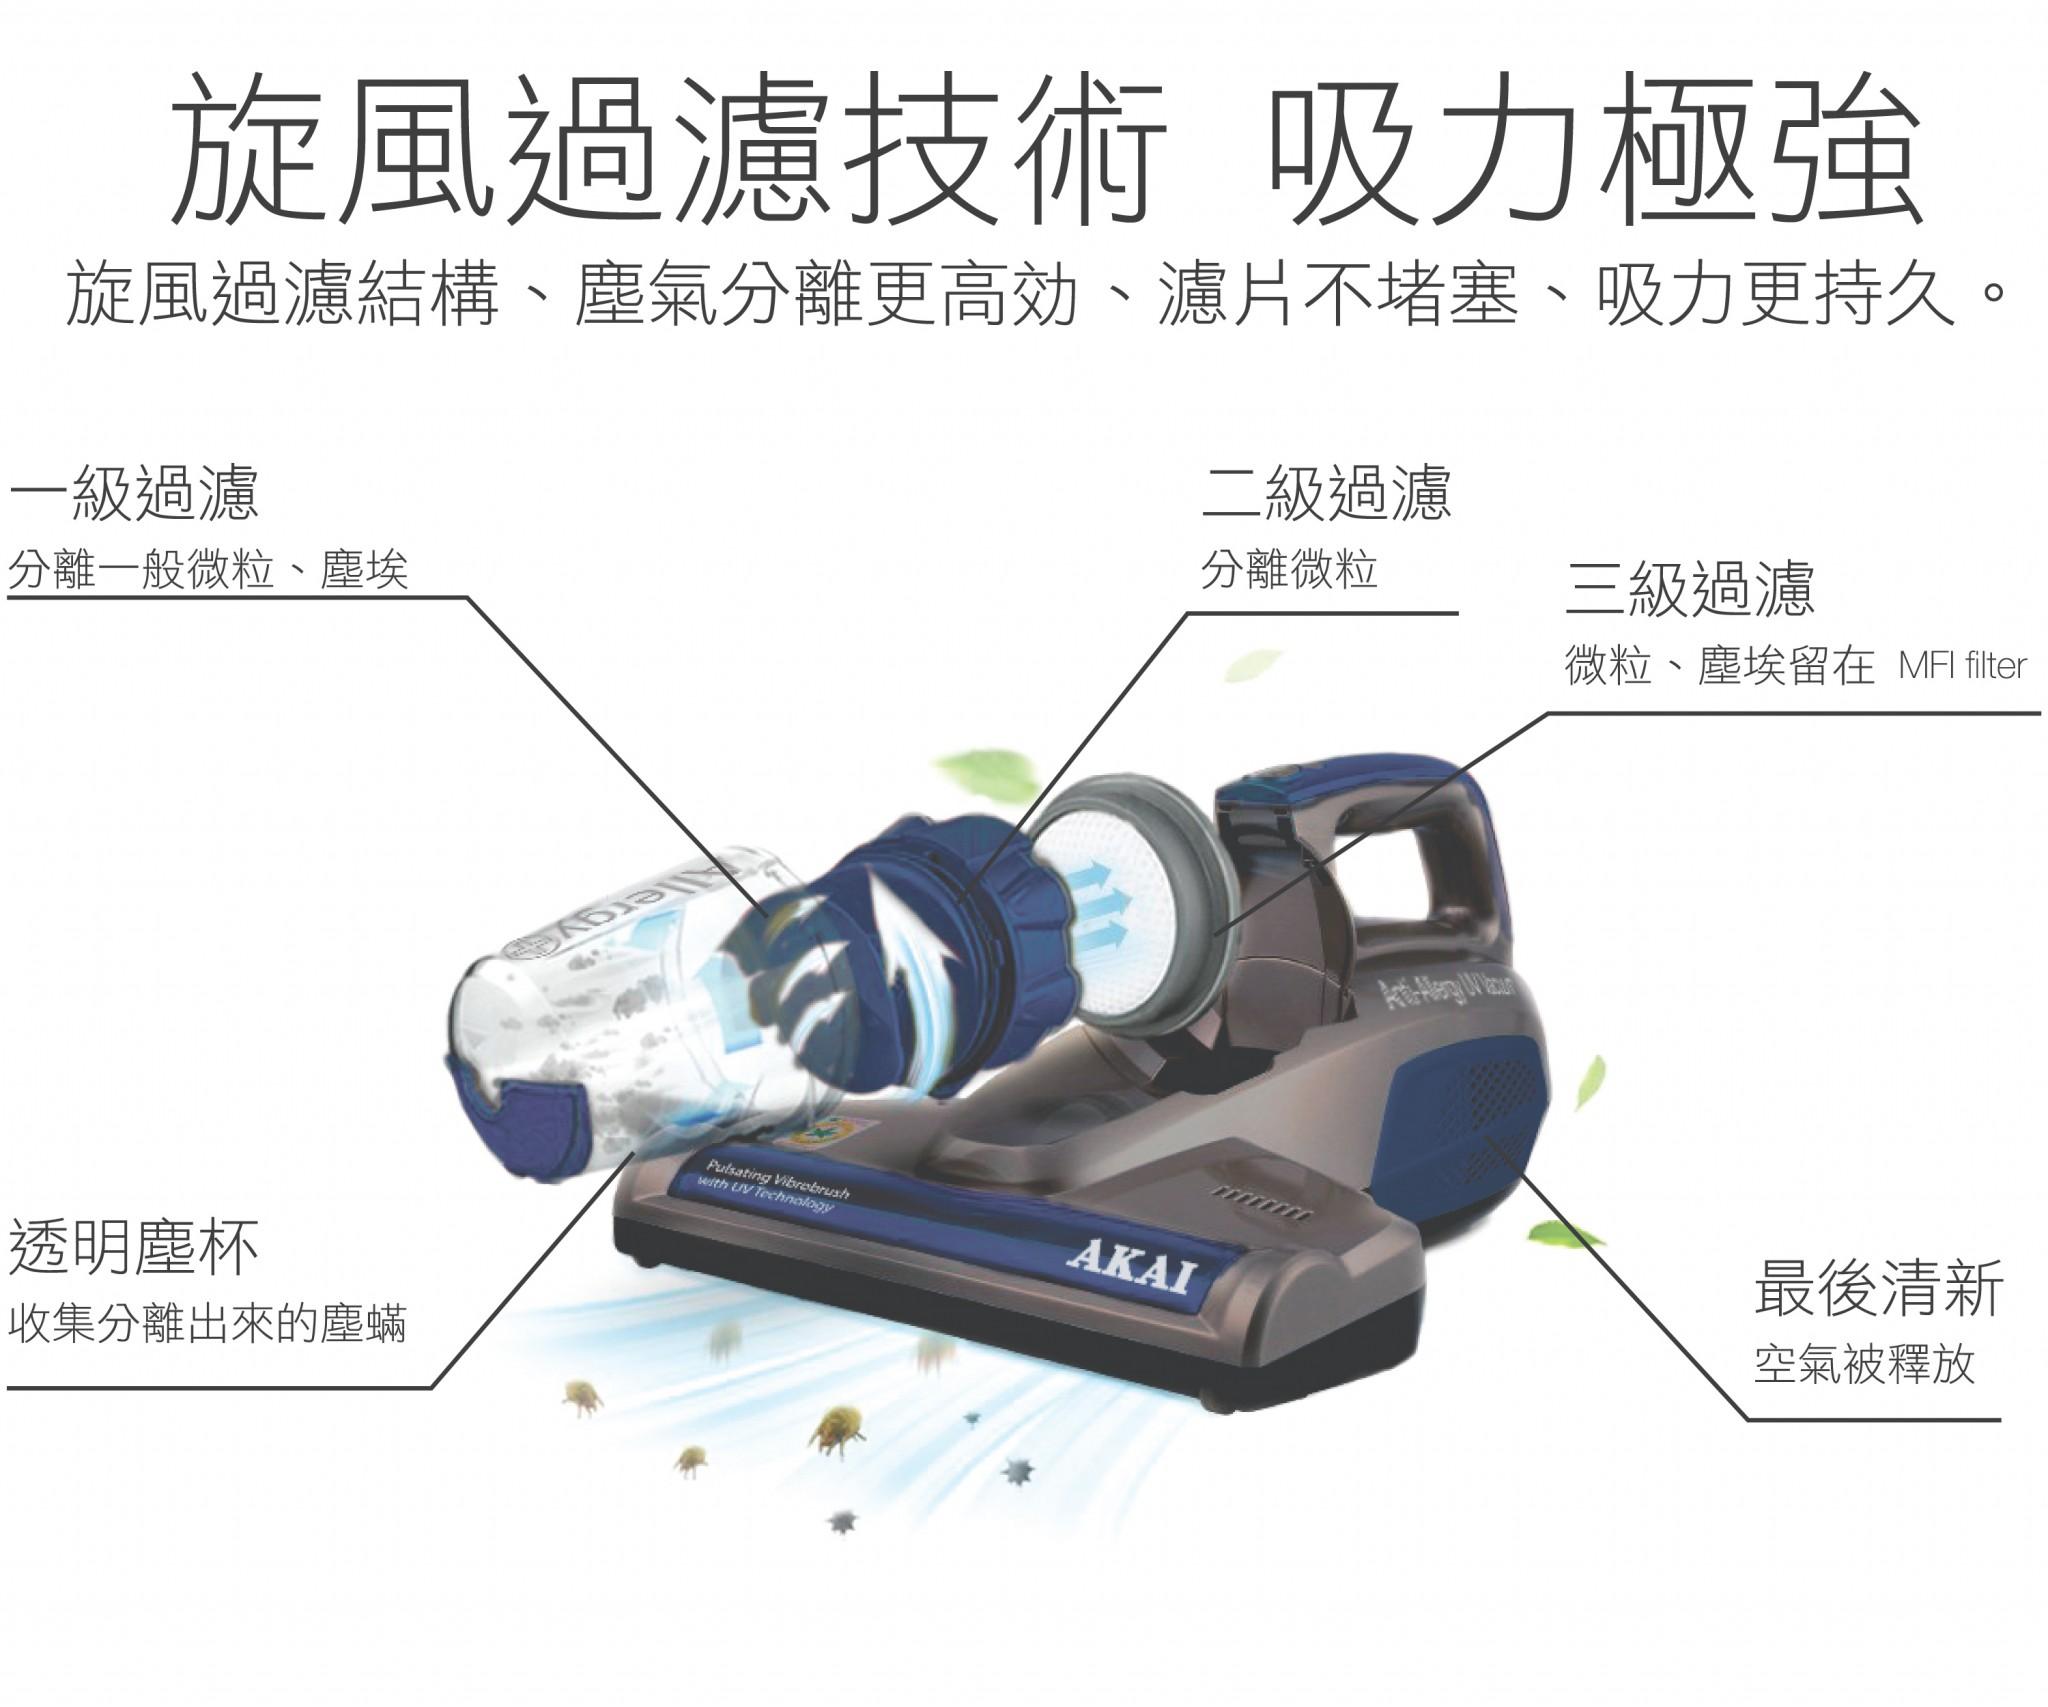 AKAI 推 UV 除蟎機 吸塵、除蟎、拍打三合一